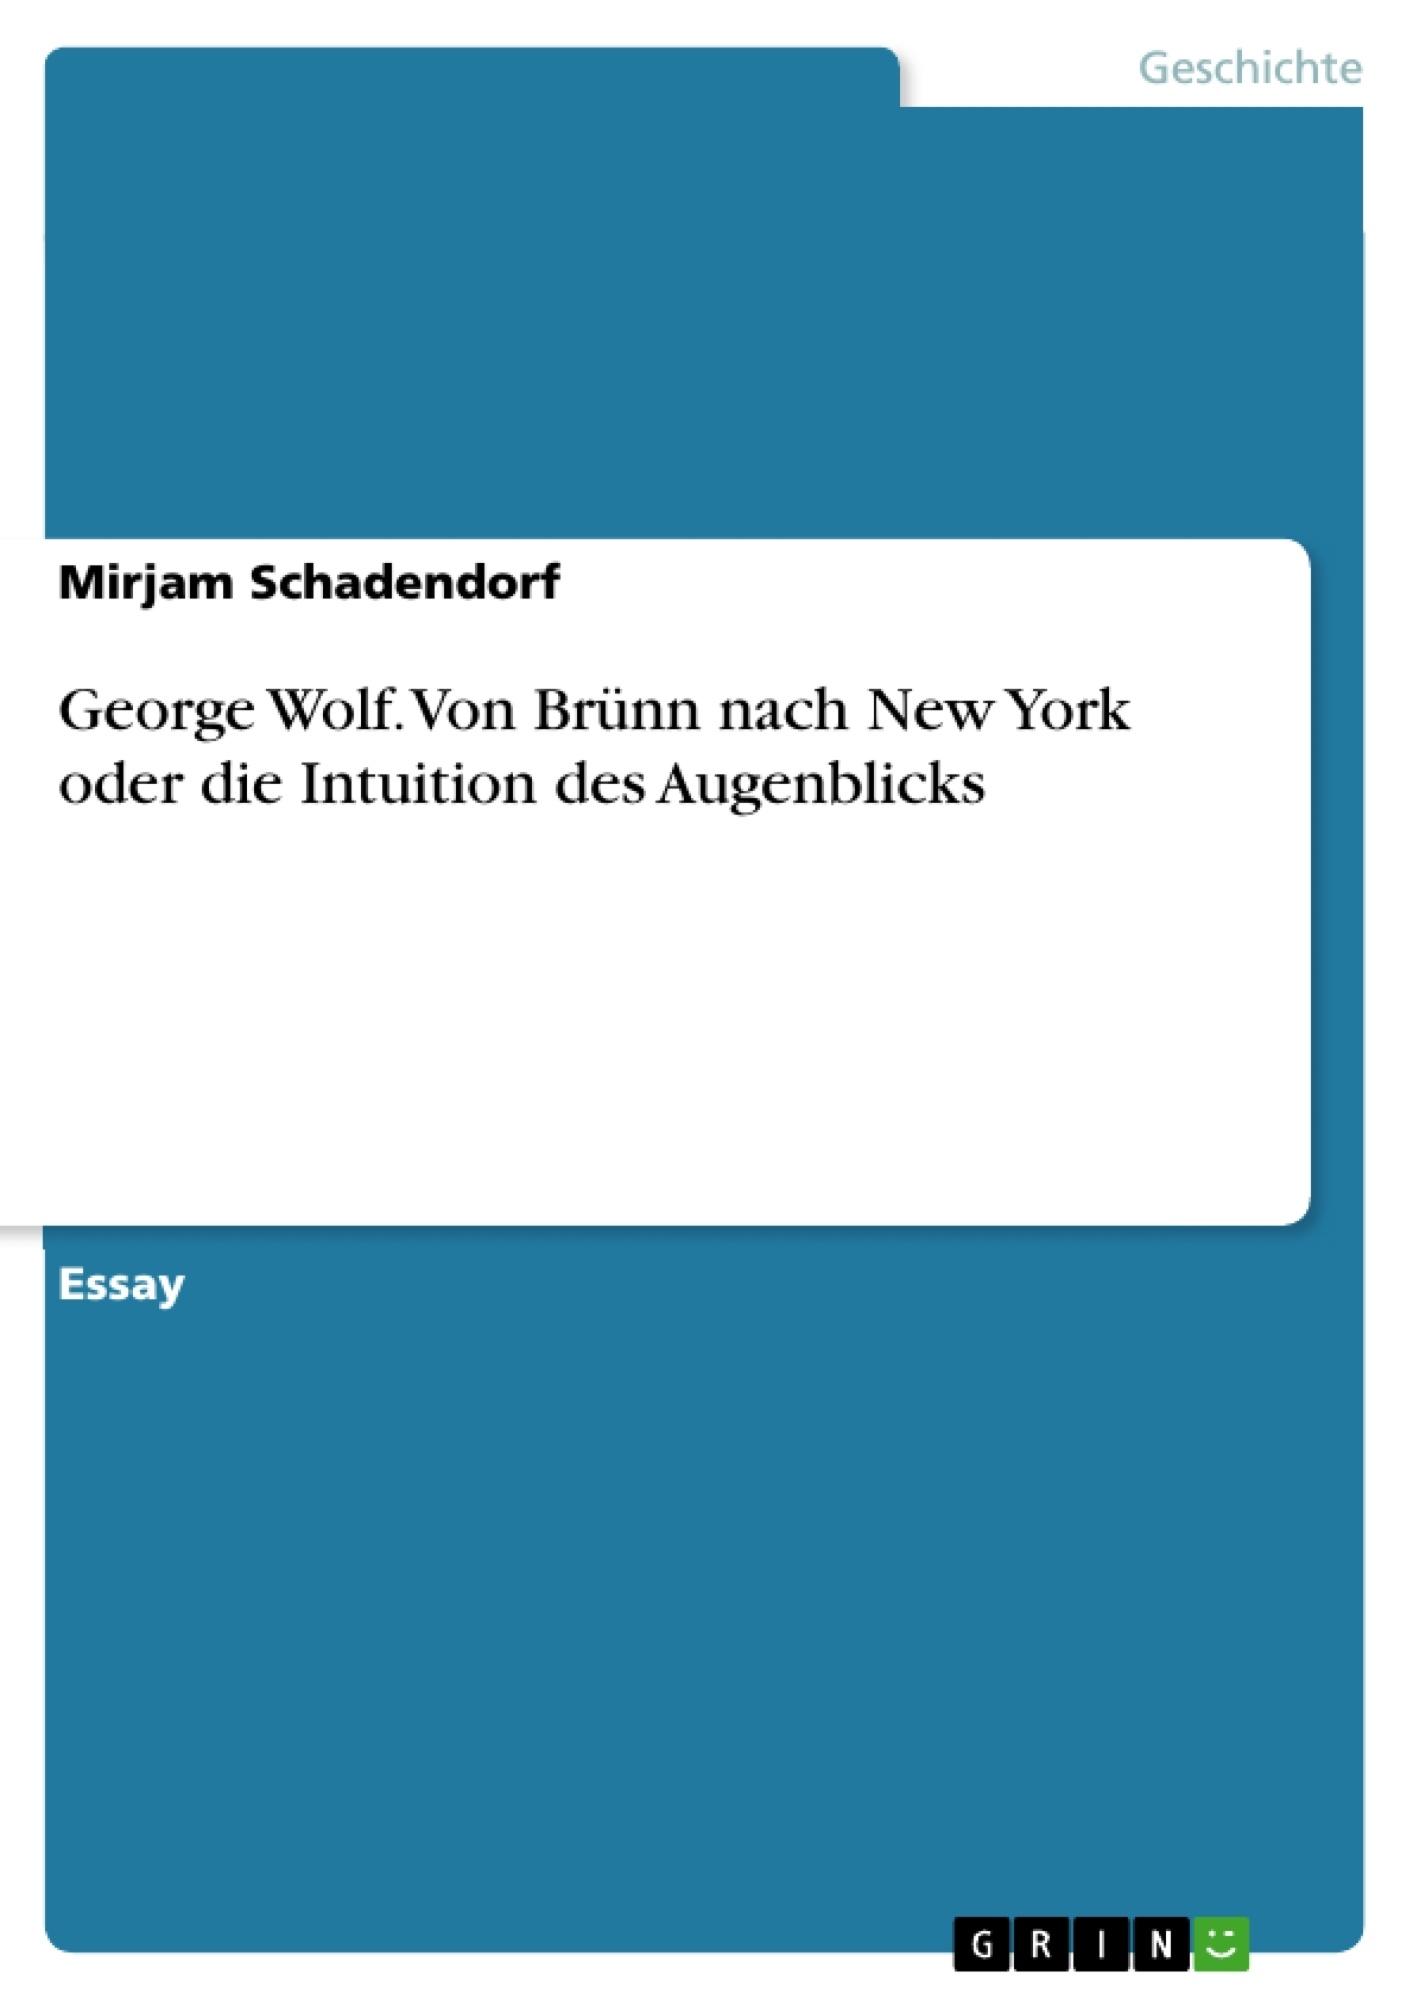 Titel: George Wolf. Von Brünn nach New York oder die Intuition des Augenblicks